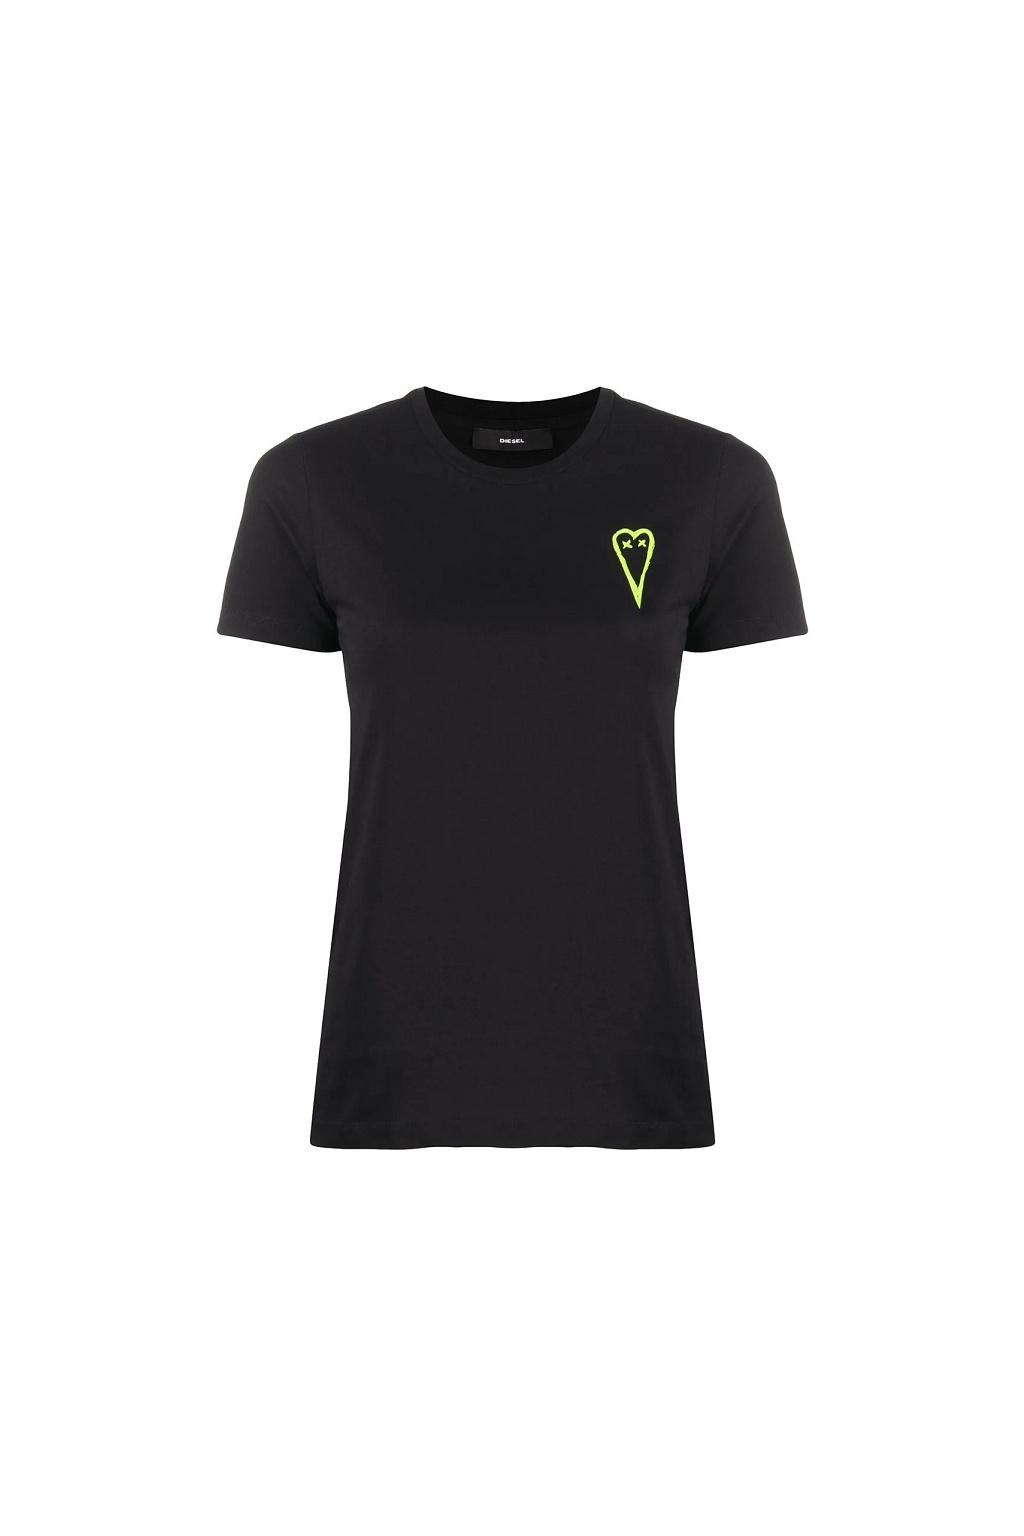 A00251 0HERA Dámské tričko Diesel T Sily černé